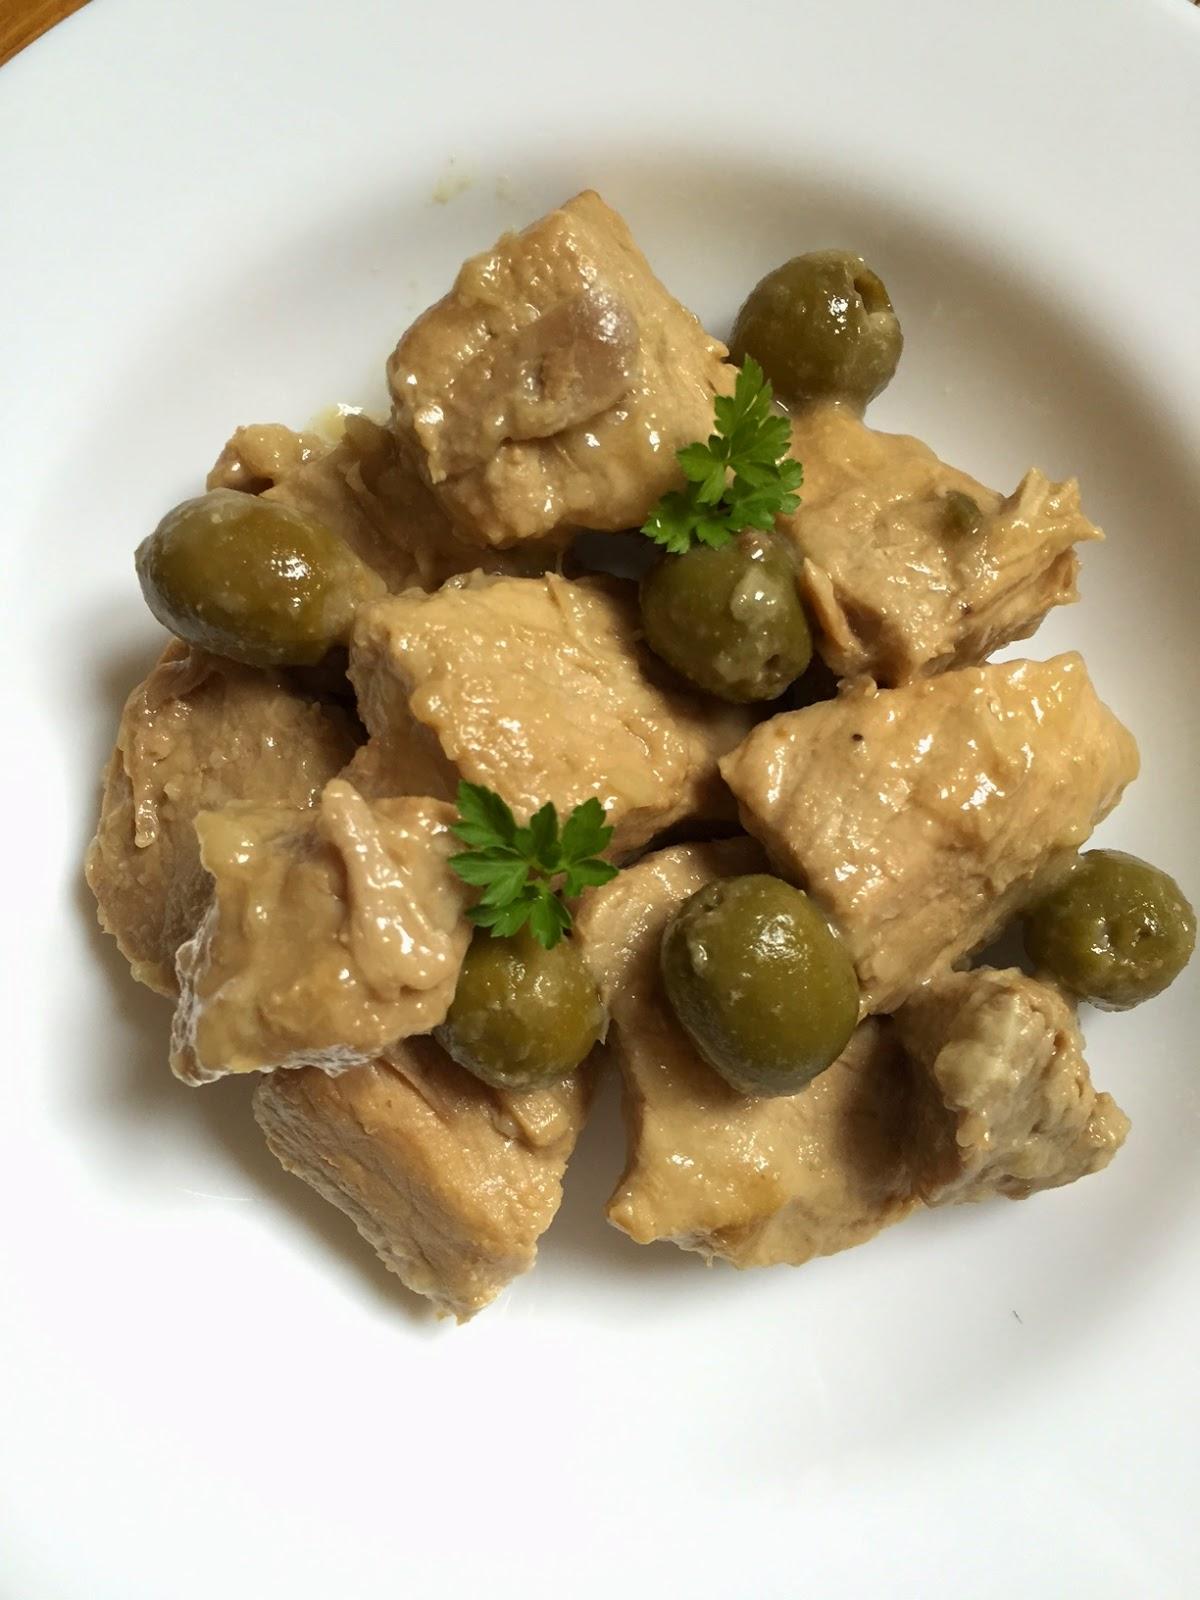 Ulrique cuisine saut de porc aux olives - Saute de porc cocotte minute ...